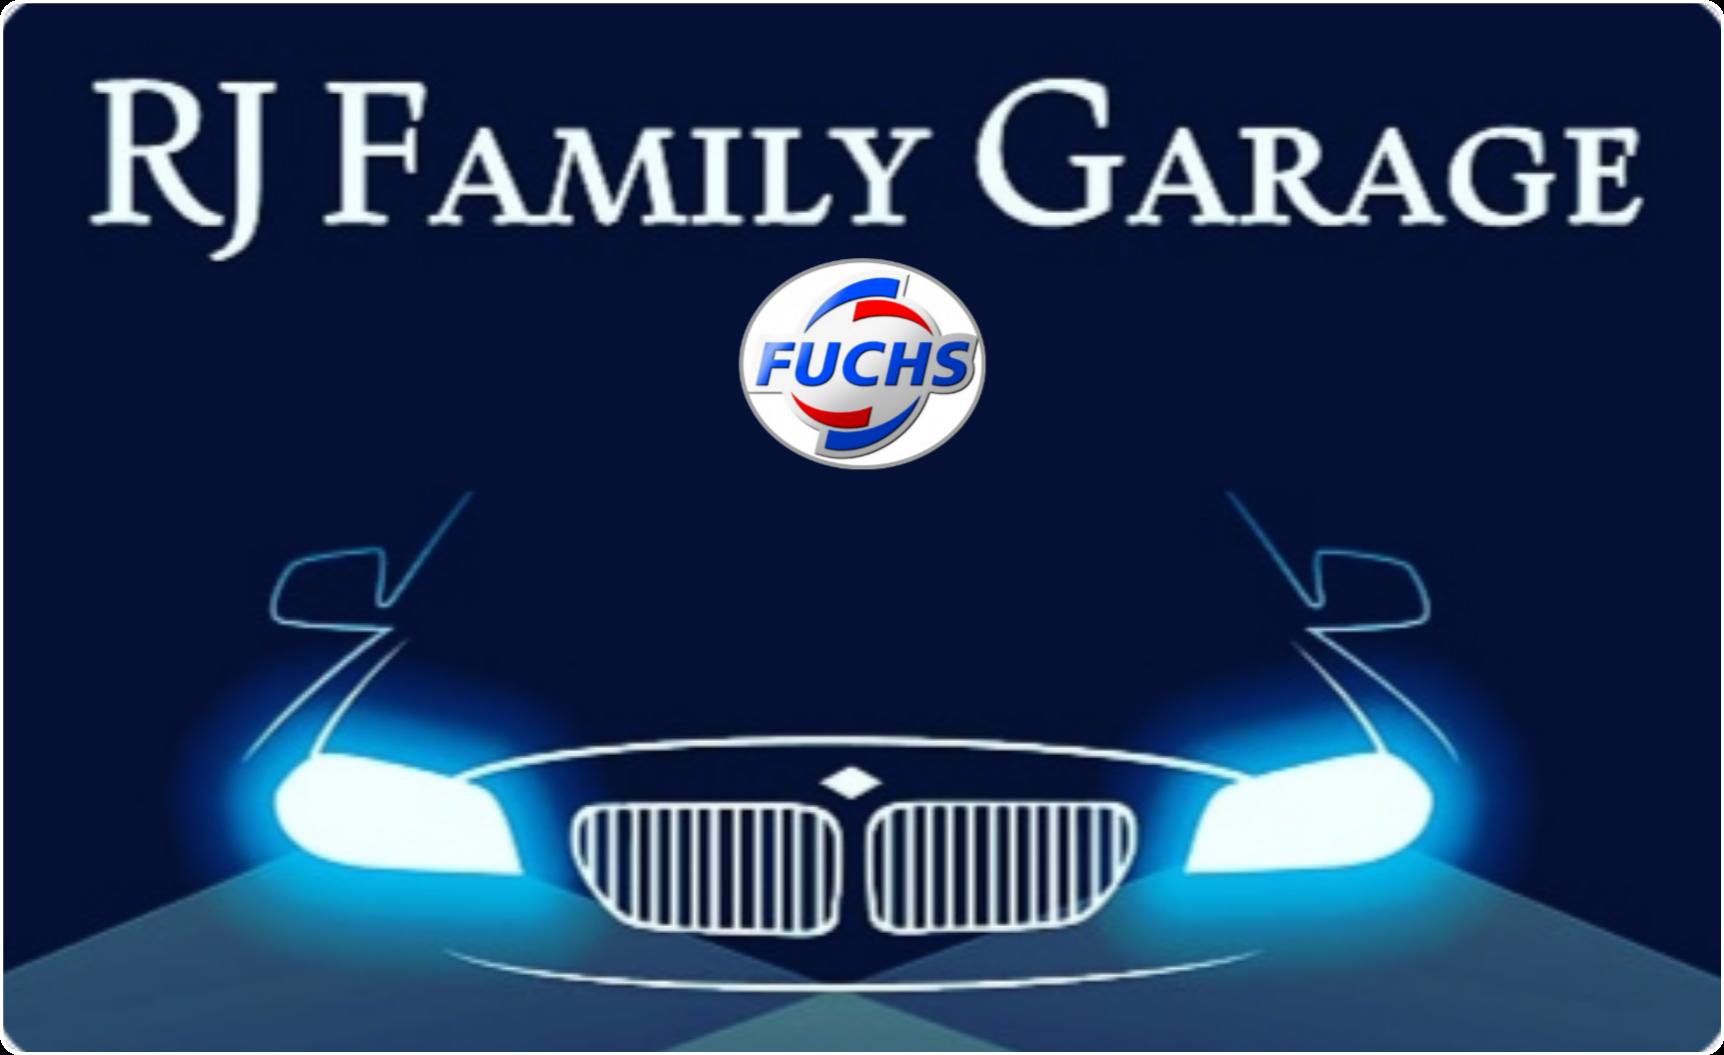 RJ FAMILY GARAGE